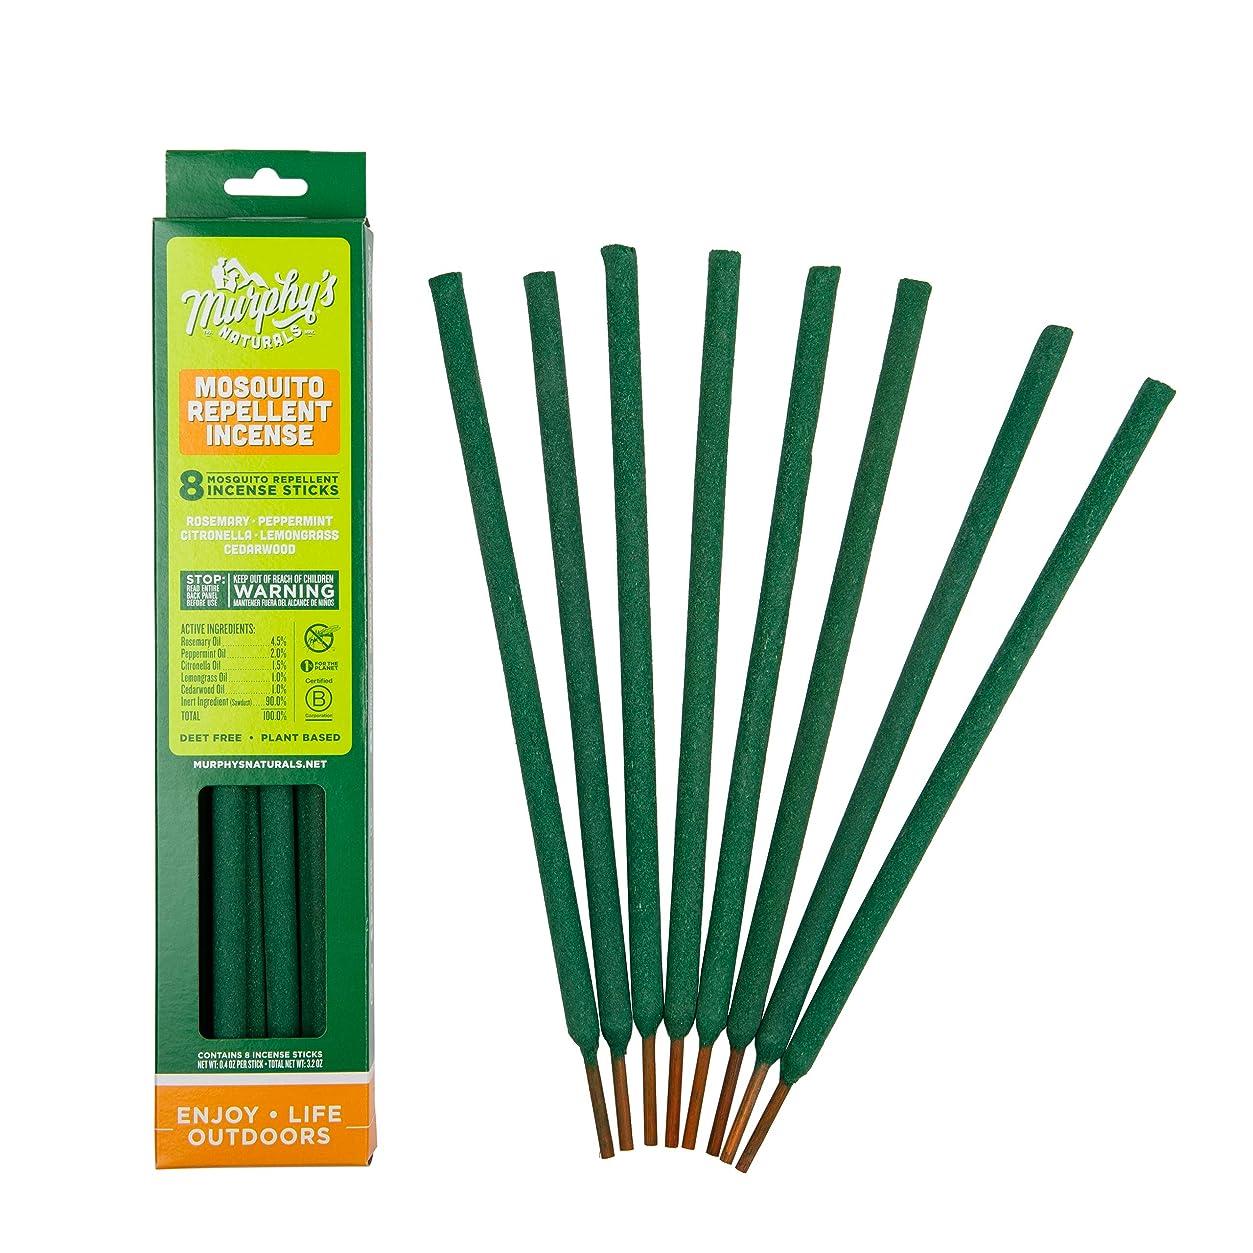 サイクロプス半円ボウルマーフィーのNaturals Mosquito Repellent Incense Sticks?–?8パックカートン グリーン